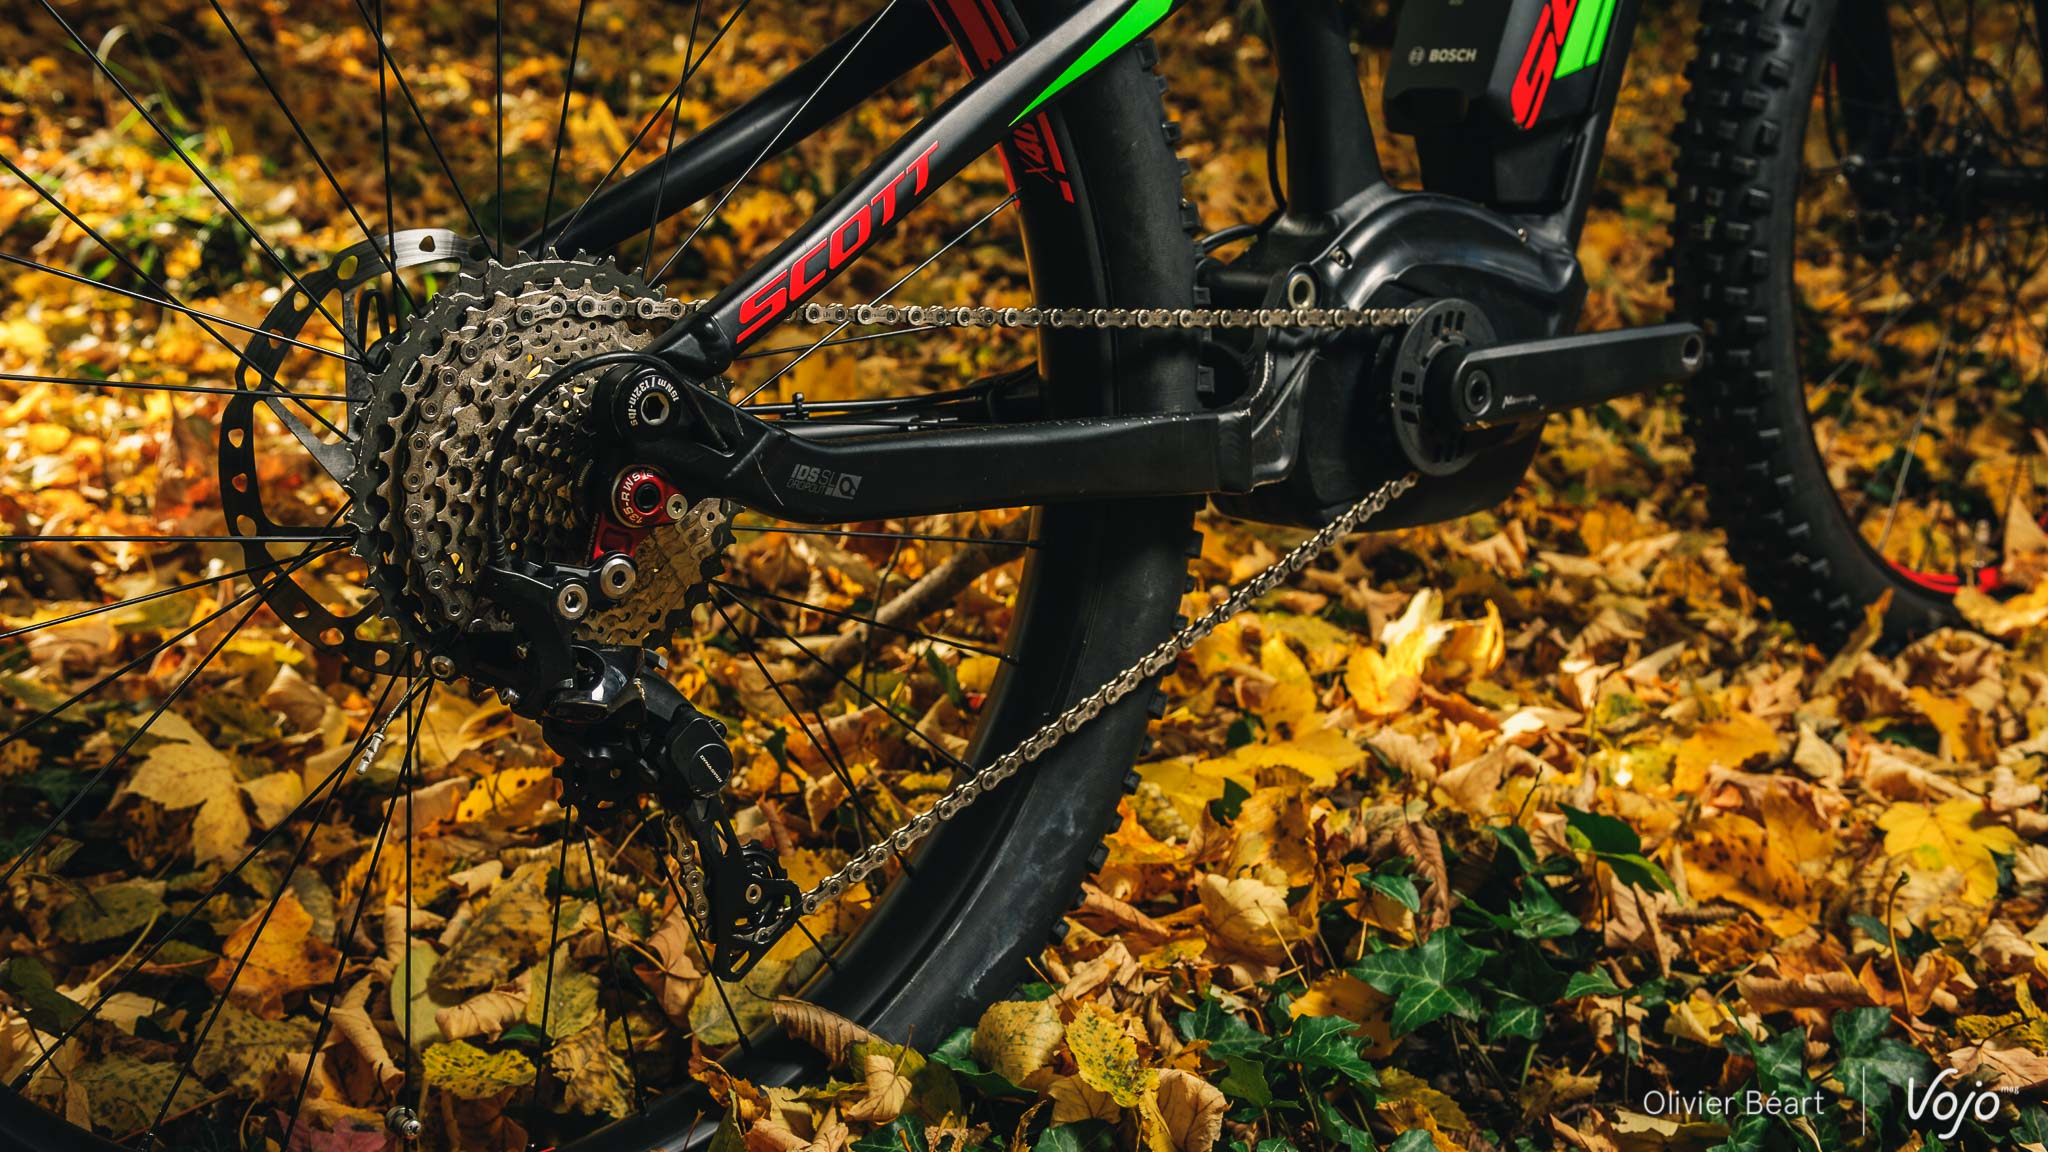 Scott_e_Genius_Test_b_Bicycle_VojoMag-1-7